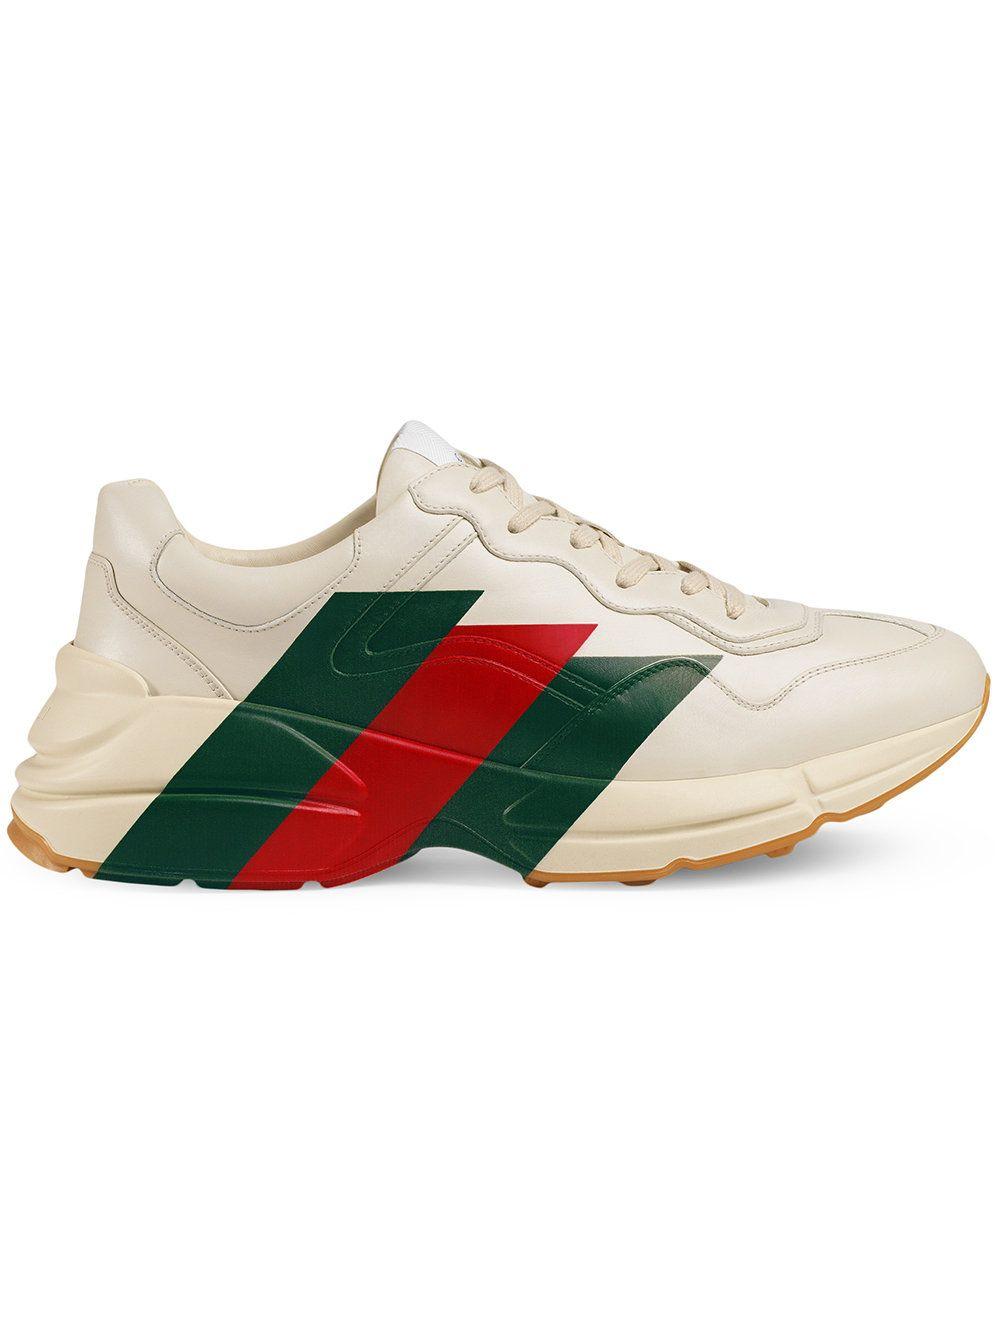 945dc2e6f50 Gucci Rhyton Web print leather sneaker